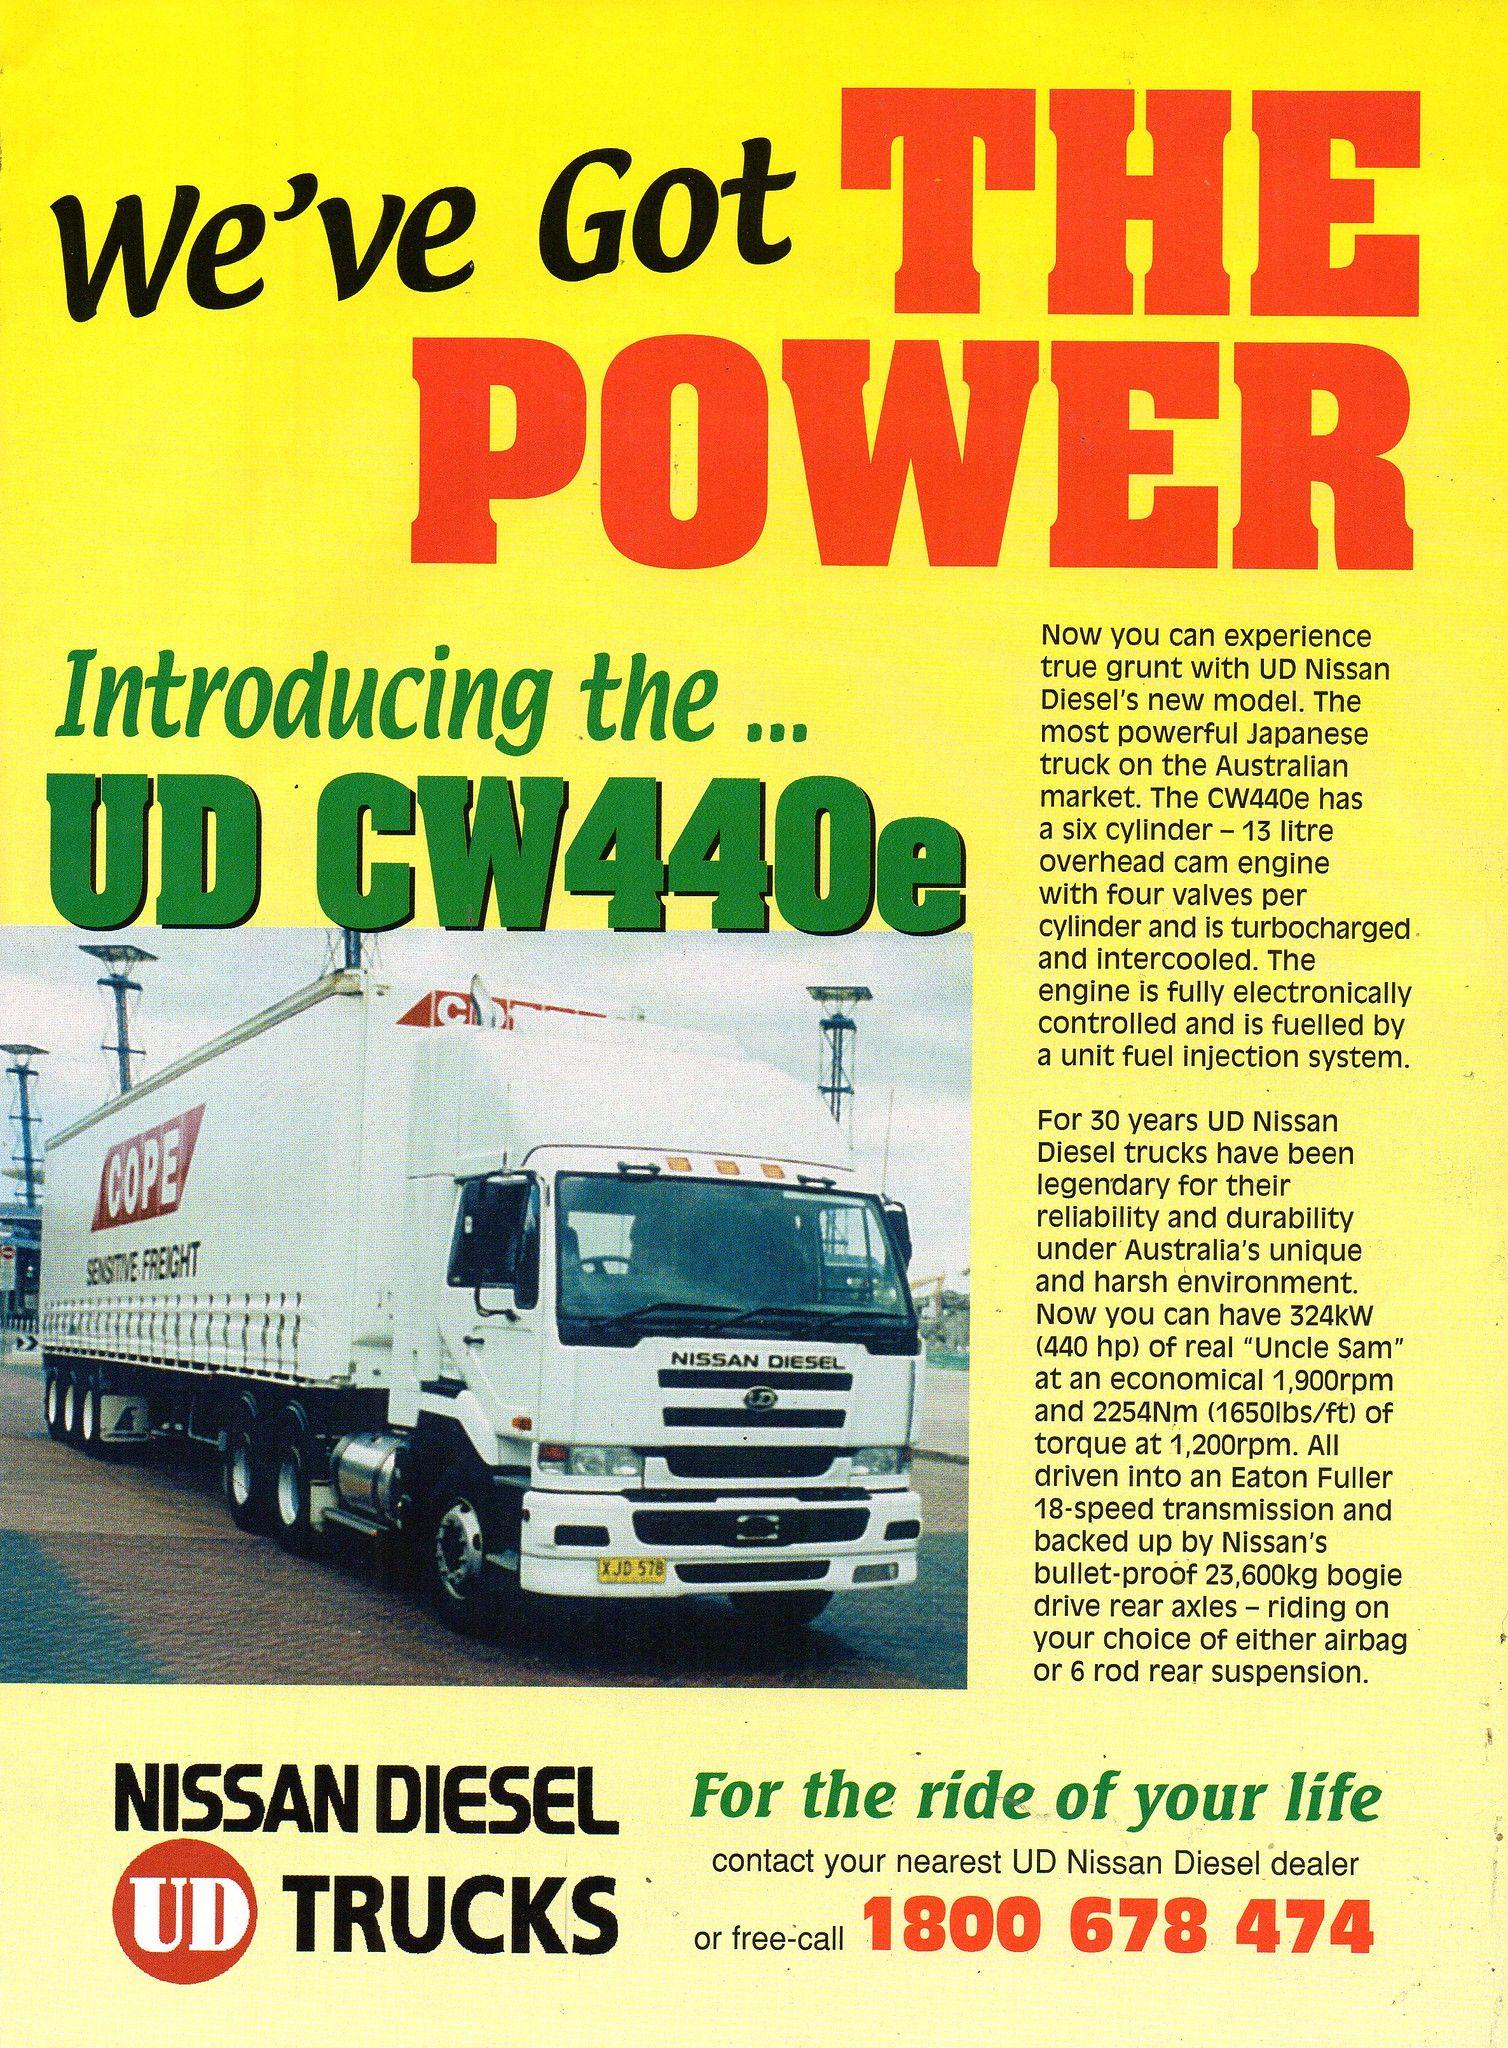 2002 Nissan Ud Cw440e Diesel Trucks Aussie Original Magazine Advertisement Nissan Diesel Trucks Trucks